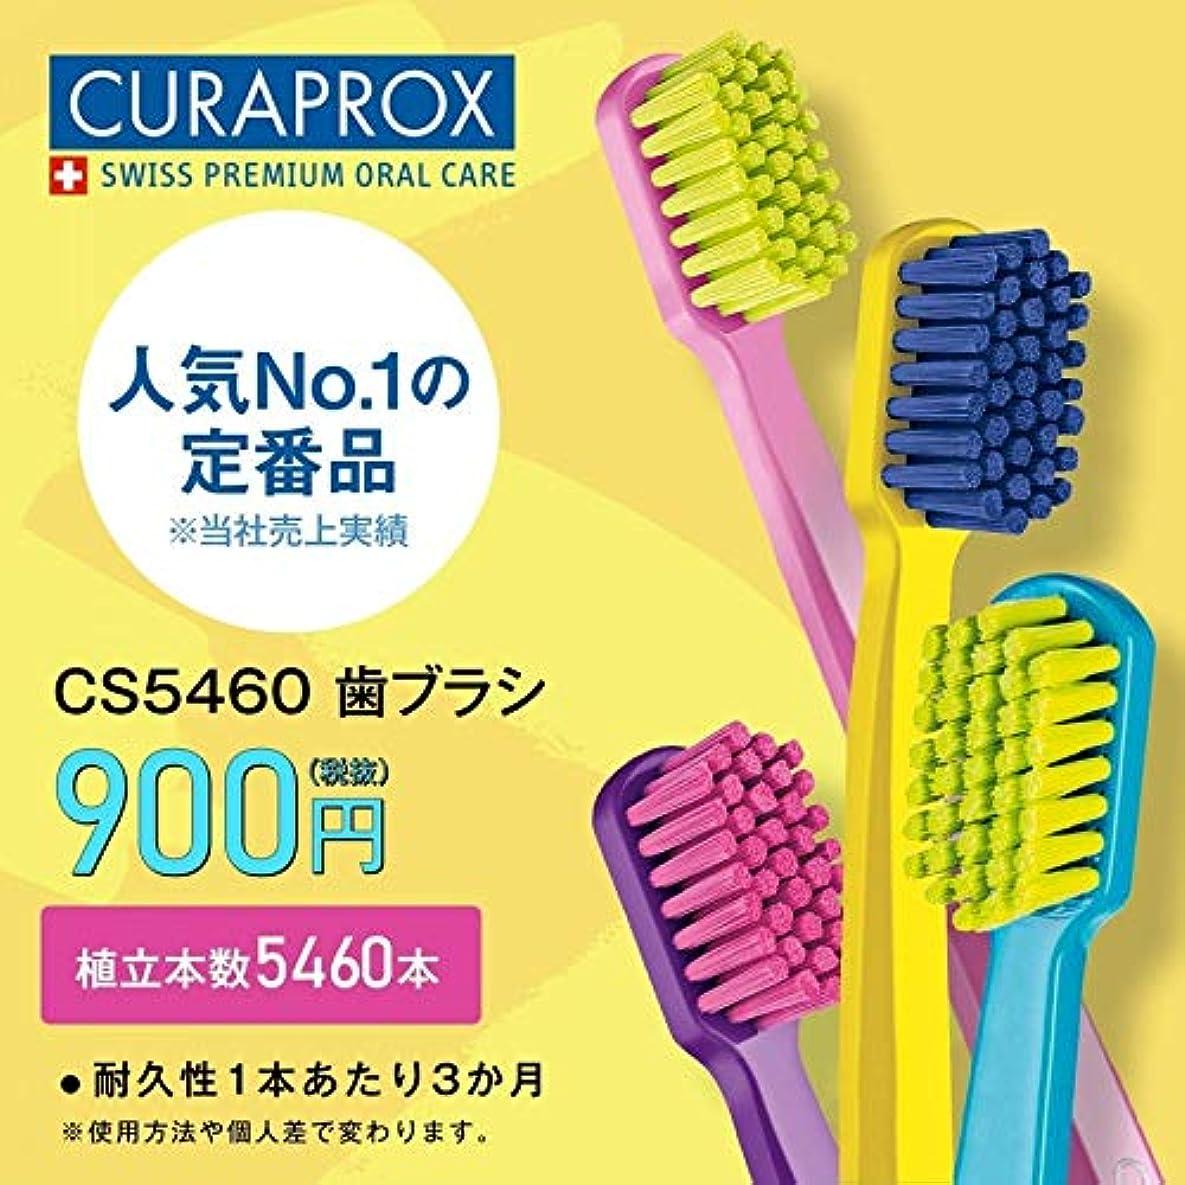 学習インチなす歯ブラシ クラプロックス CS5460 ウルトラソフト 植毛5460本